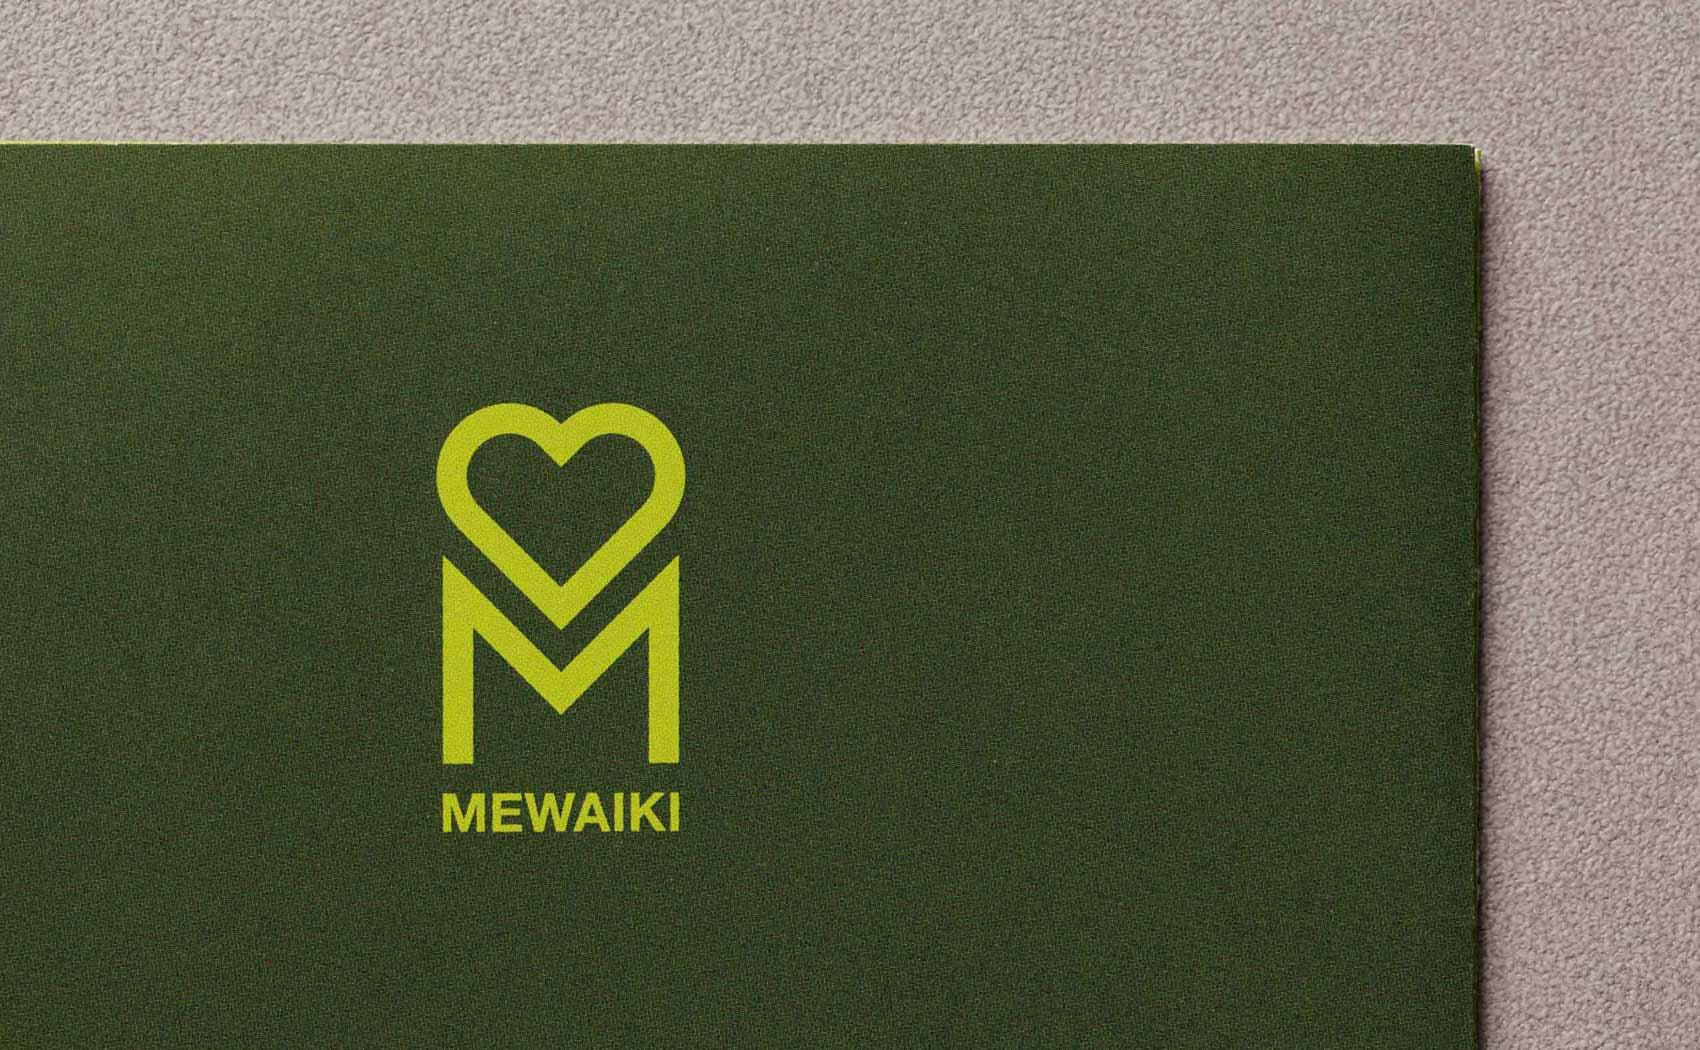 Logodesign und Corporate Design für MEWAIKI e.V. aus Memmingen